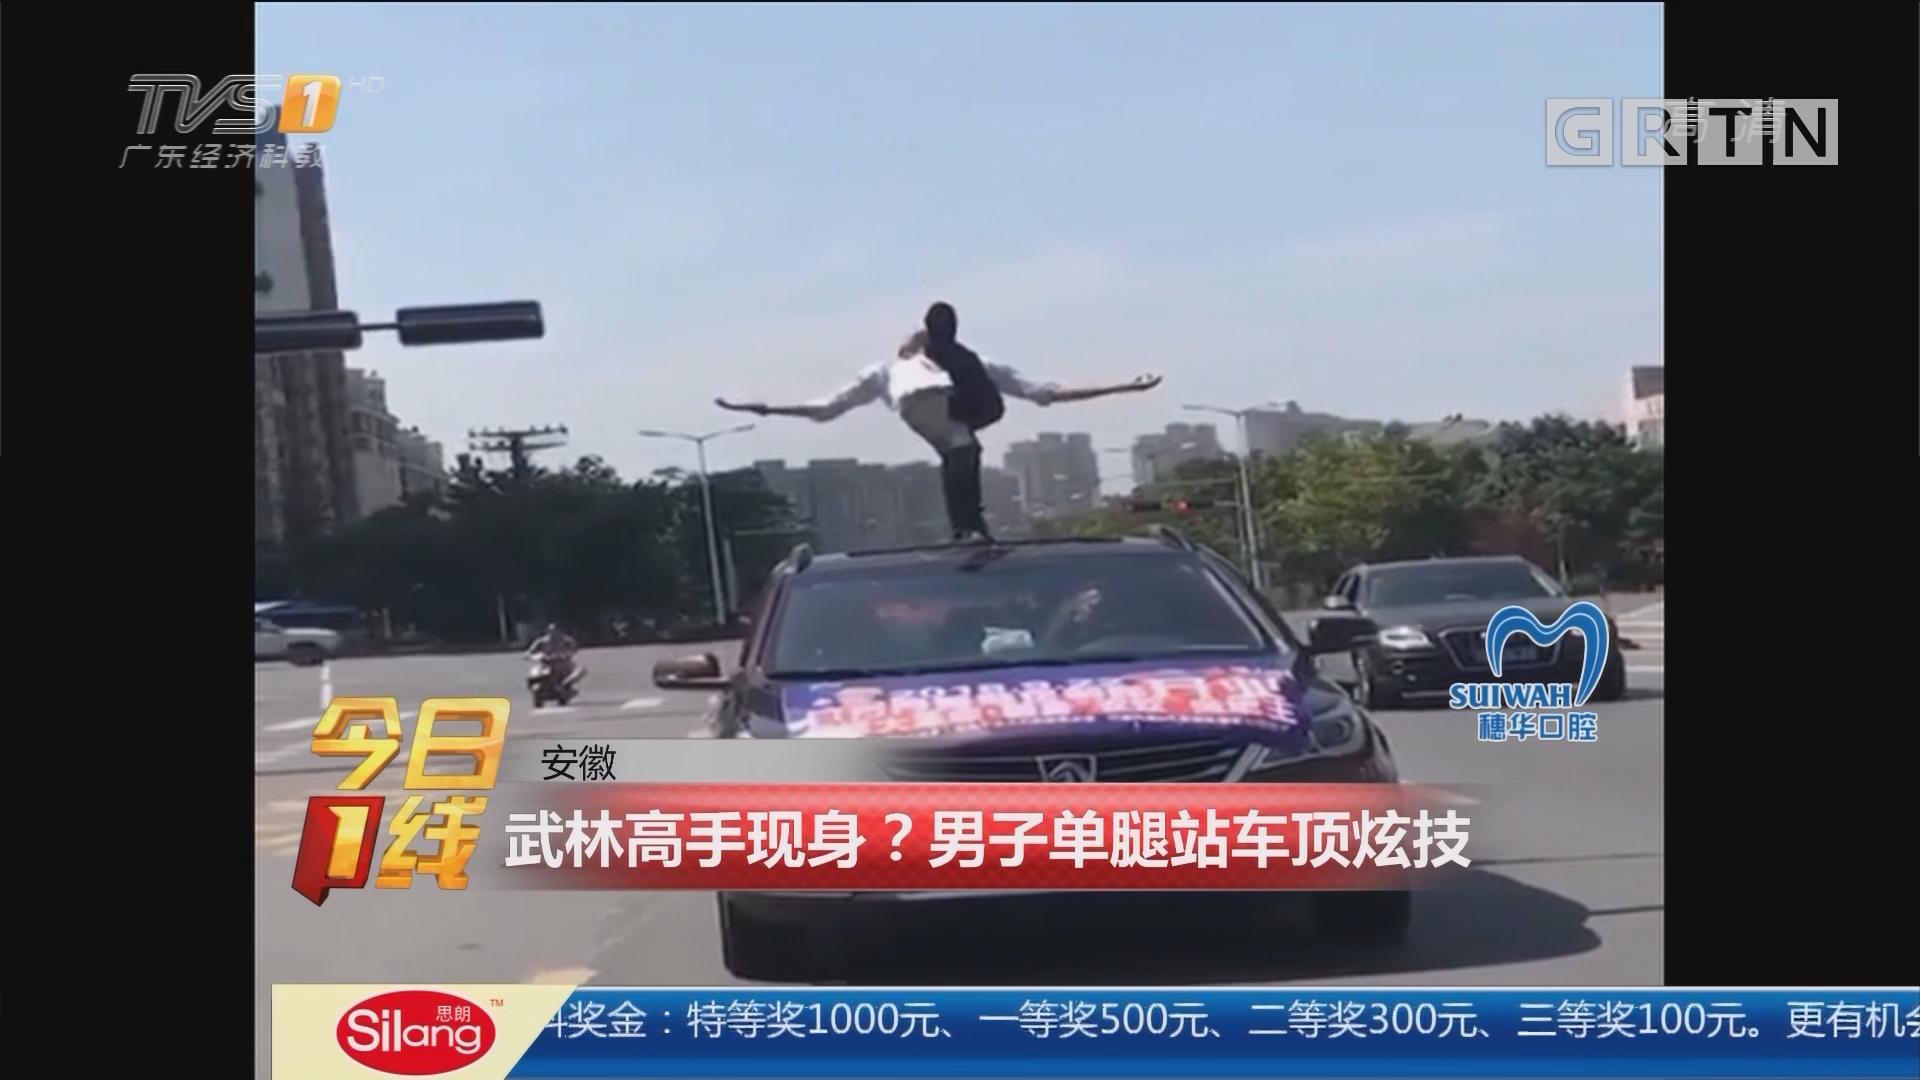 安徽:武林高手现身?男子单腿站车顶炫技